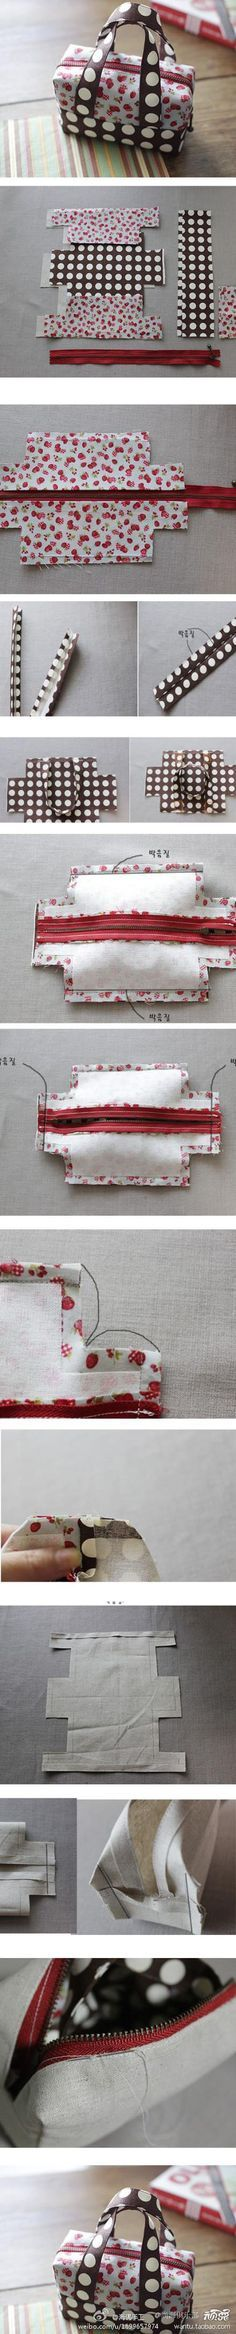 Lunch bag, purse, sewing notions bag, etc.... Cute pattern Mis habilidades con la máquina de coser no dan para tanto... que más quisiera yo. Pero aquí os lo dejo